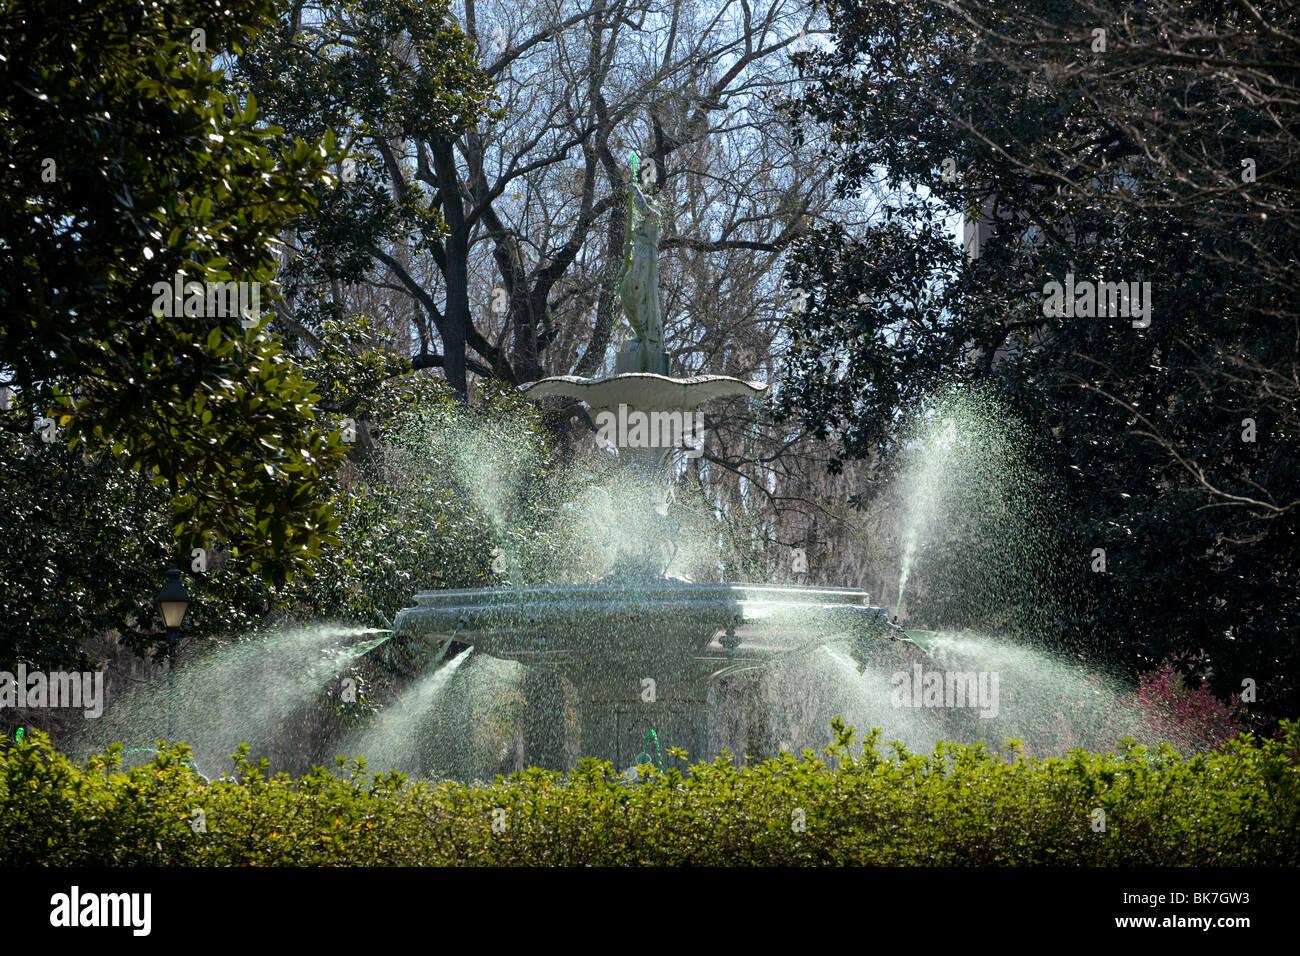 La grande fontaine à Forsyth Park, Savannah, Géorgie Banque D'Images